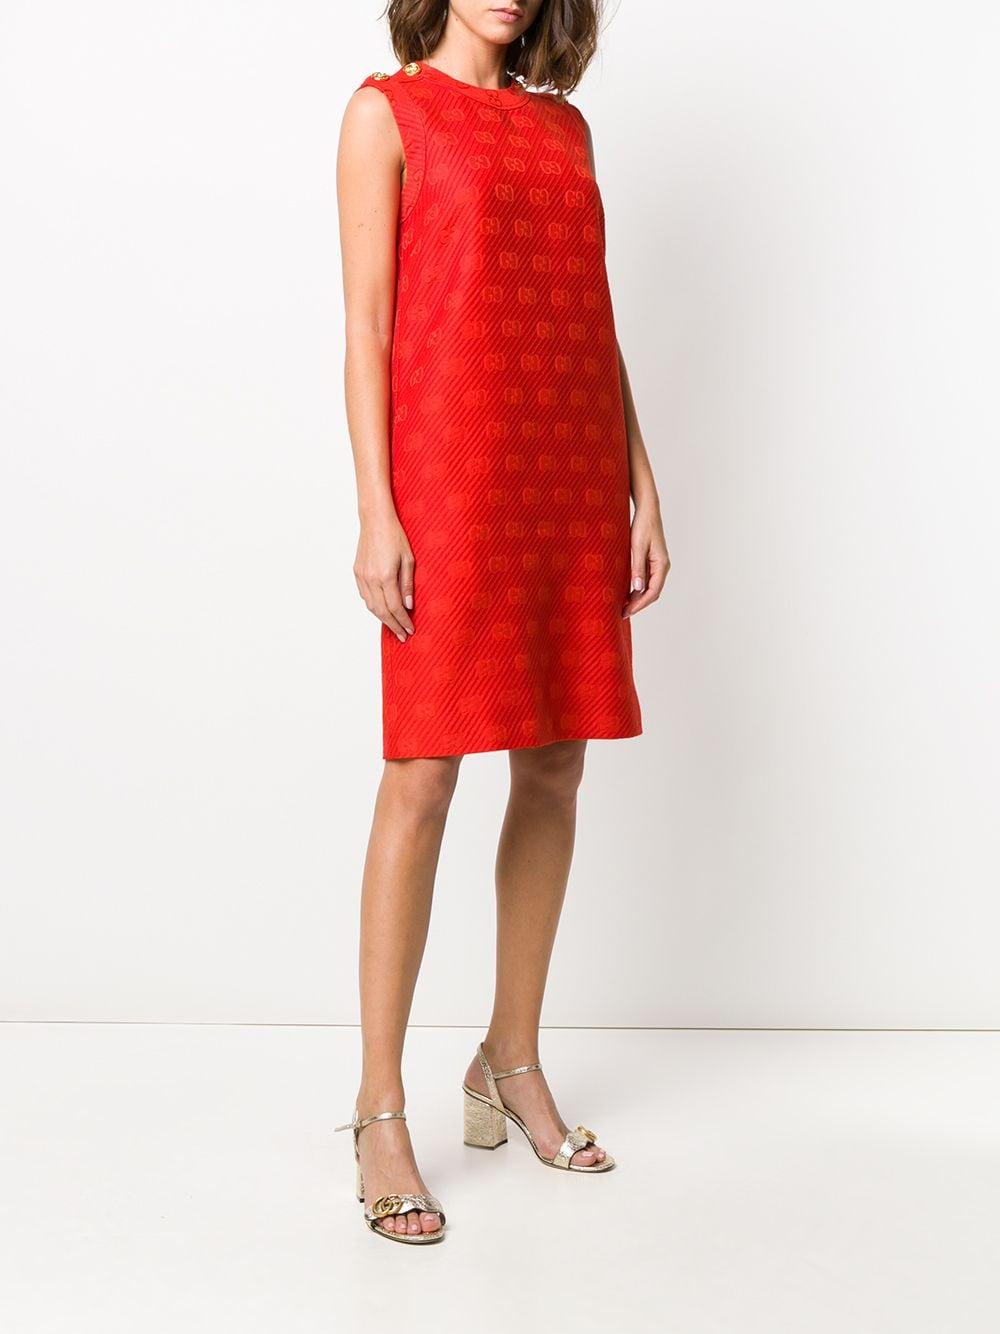 abito rosso in lana e seta con bottoni sulle spalle GUCCI | Abiti | 602723-ZADC76049